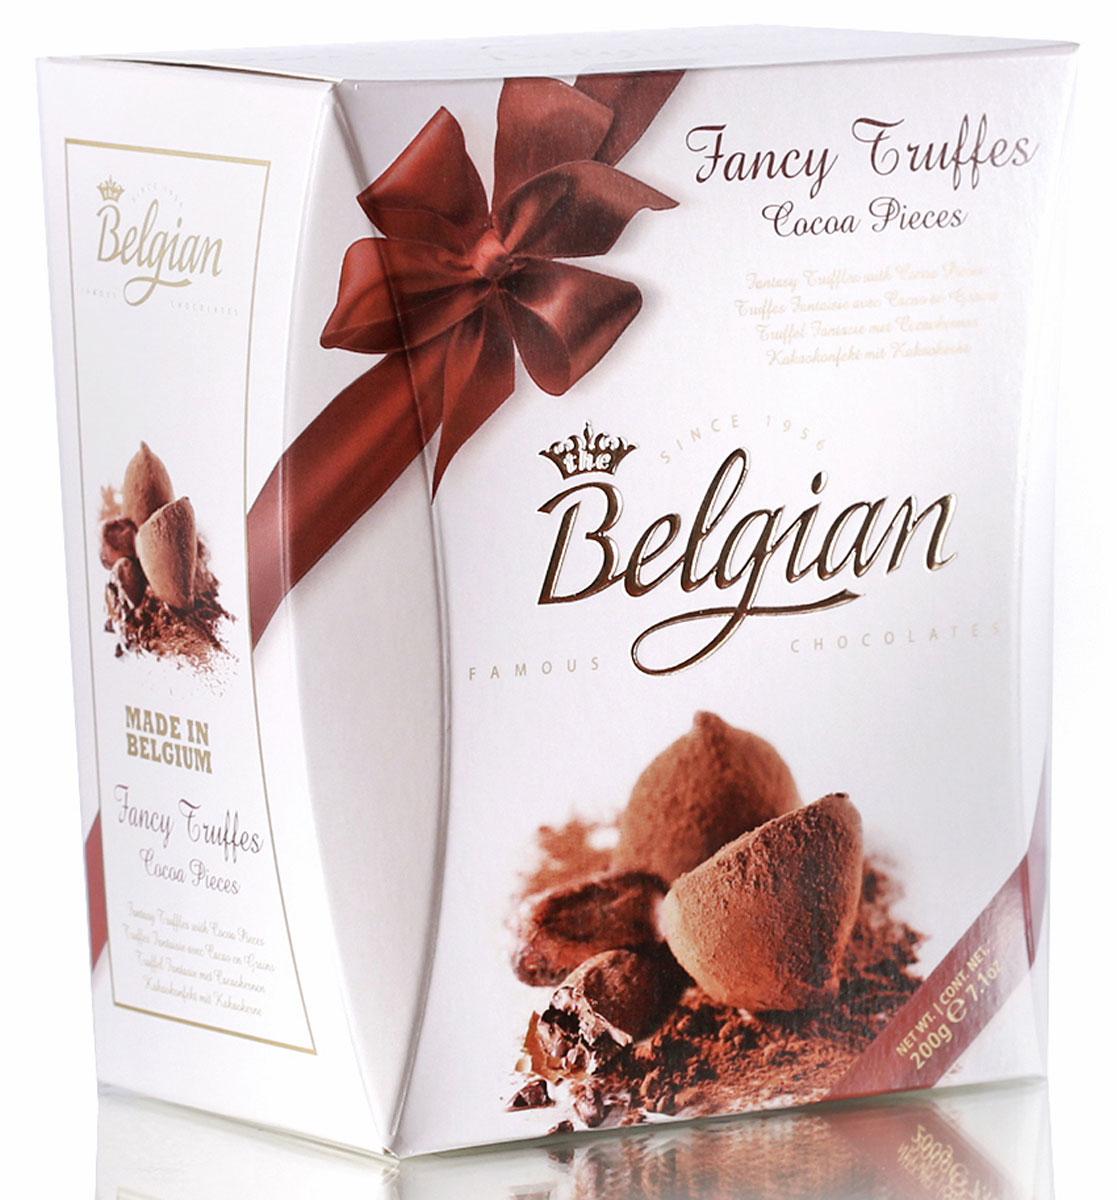 The Belgian Трюфели со вкусом какао, 200 г7.37.17В аромате конфет преобладают оттенки какао-бобов, украшенные легкими ванильными нотками. Конфеты составят прекрасную пару с чаем, кофе или капучино. Их можно предложить детям к молоку или какао. Трюфели станут замечательным дополнением к бокалу виски.